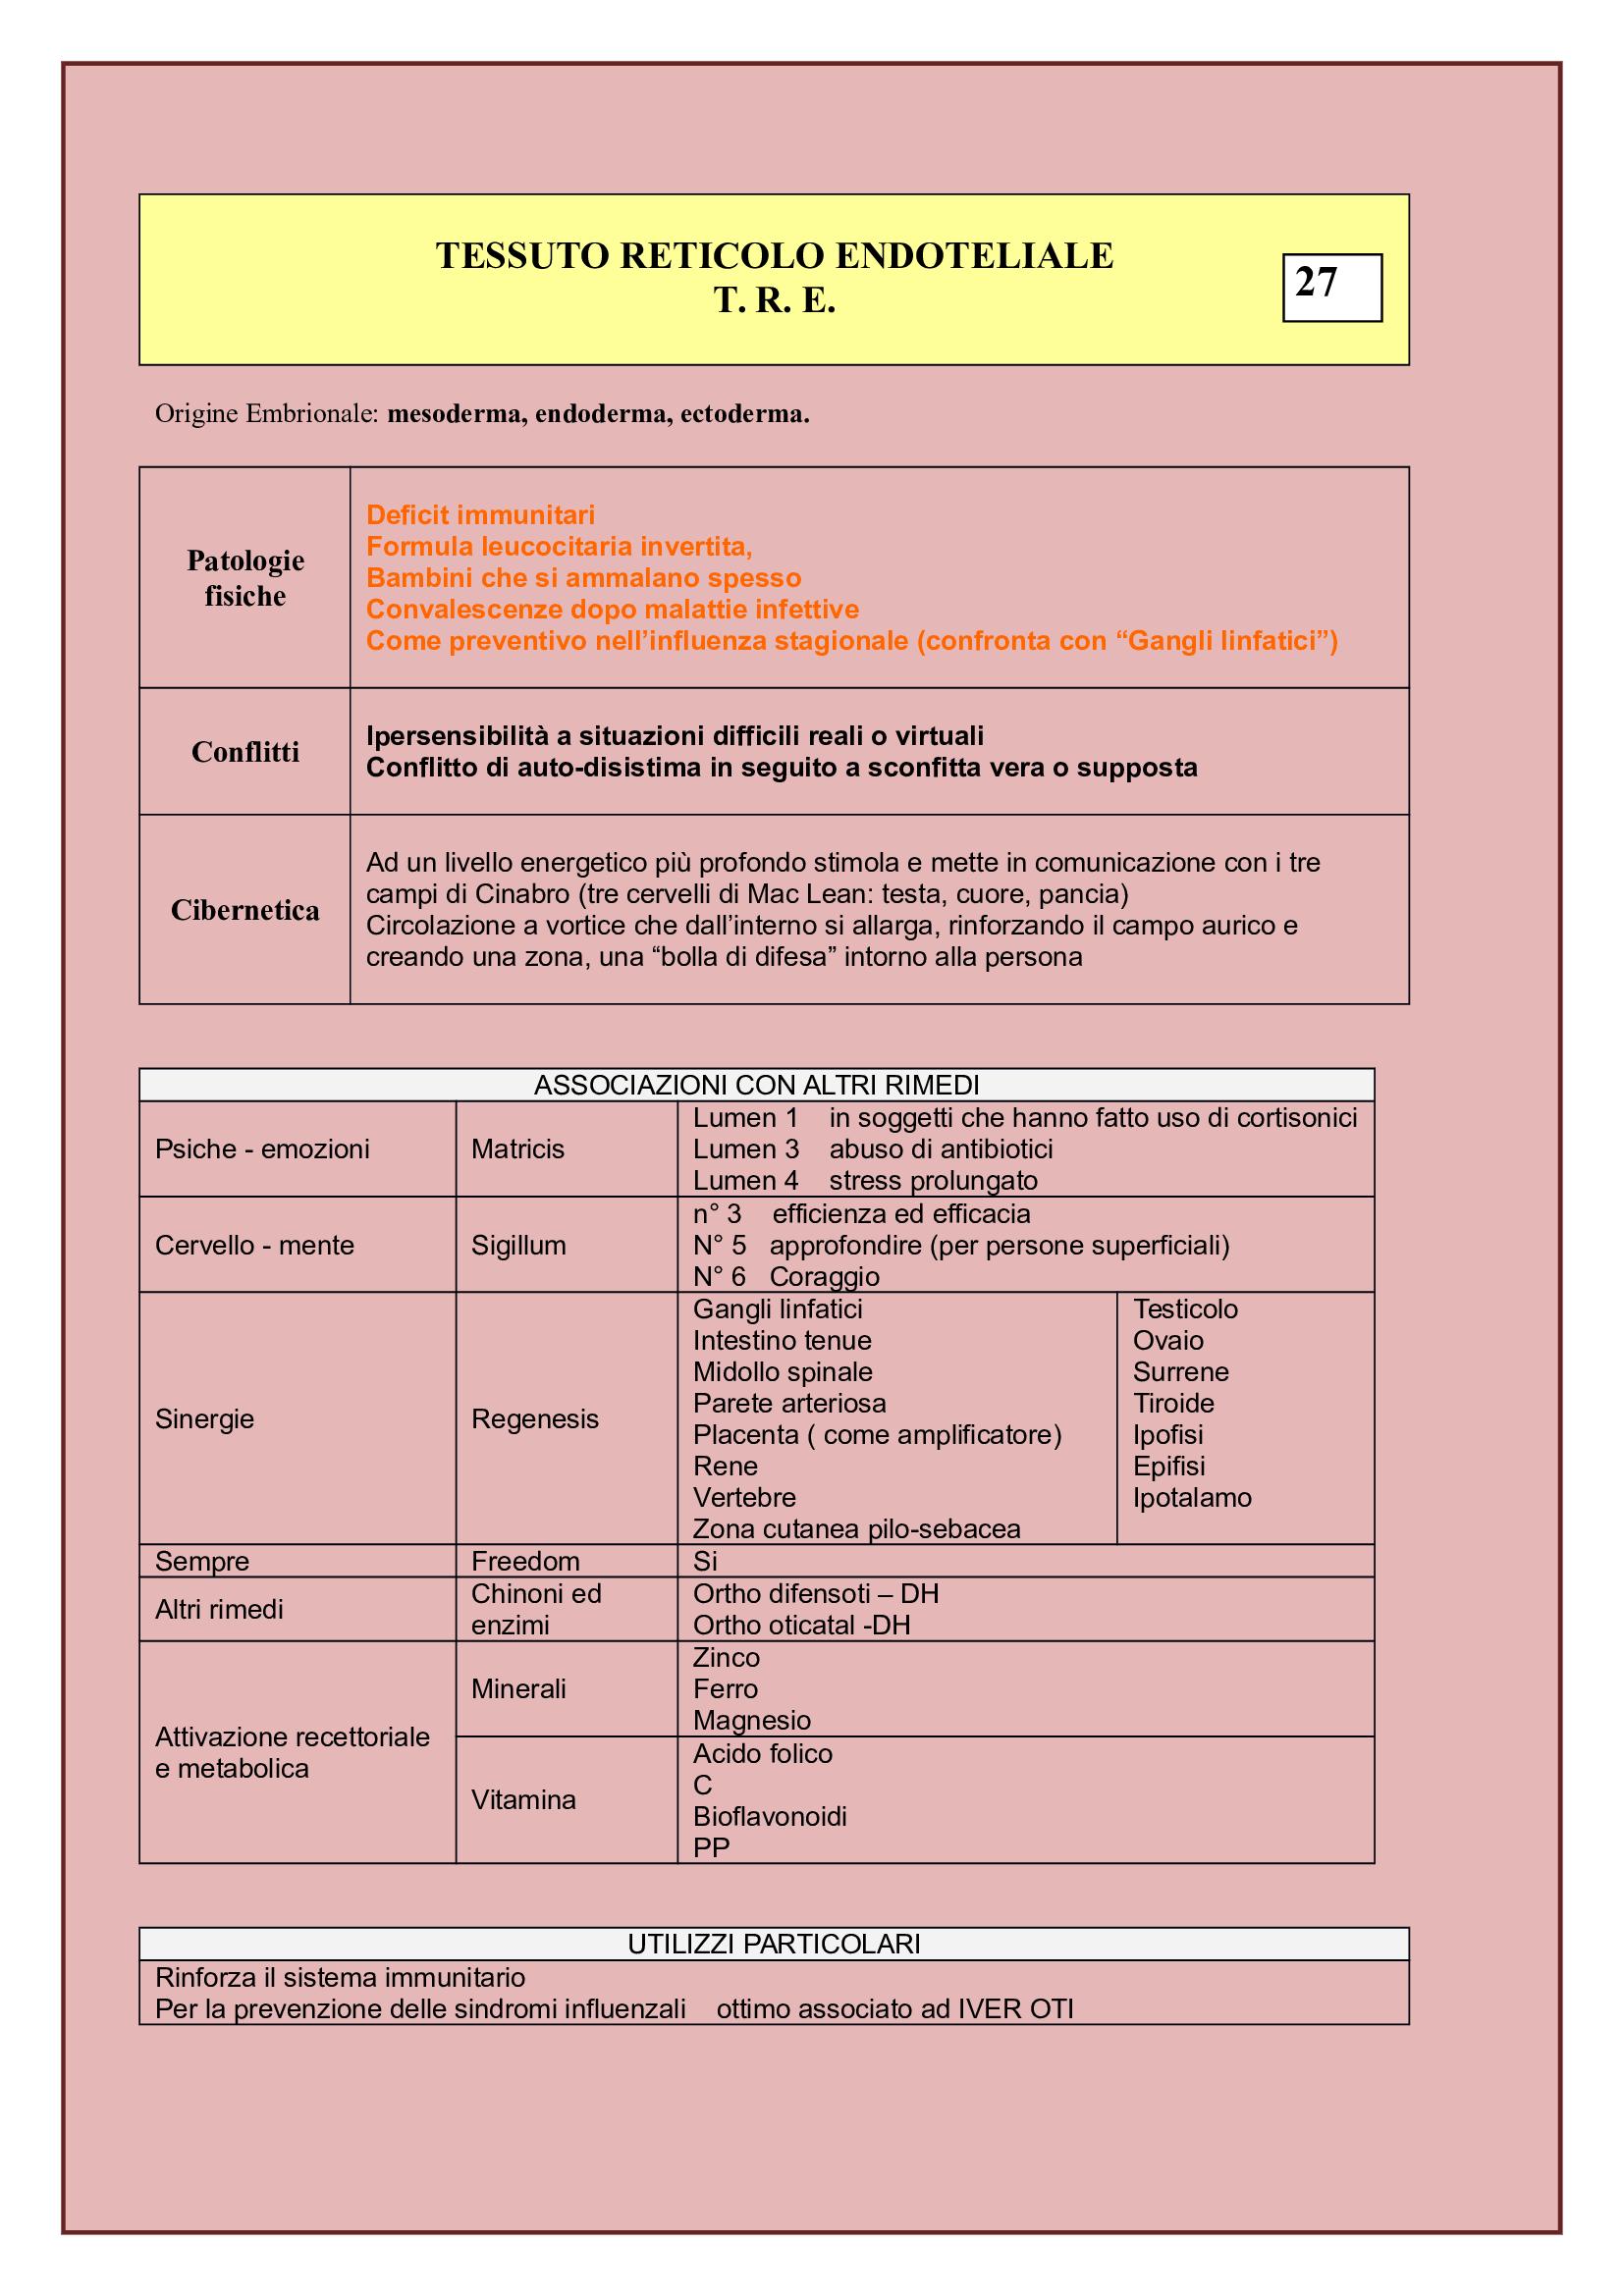 Tessuto Reticolo Endoteliare T.R.E.